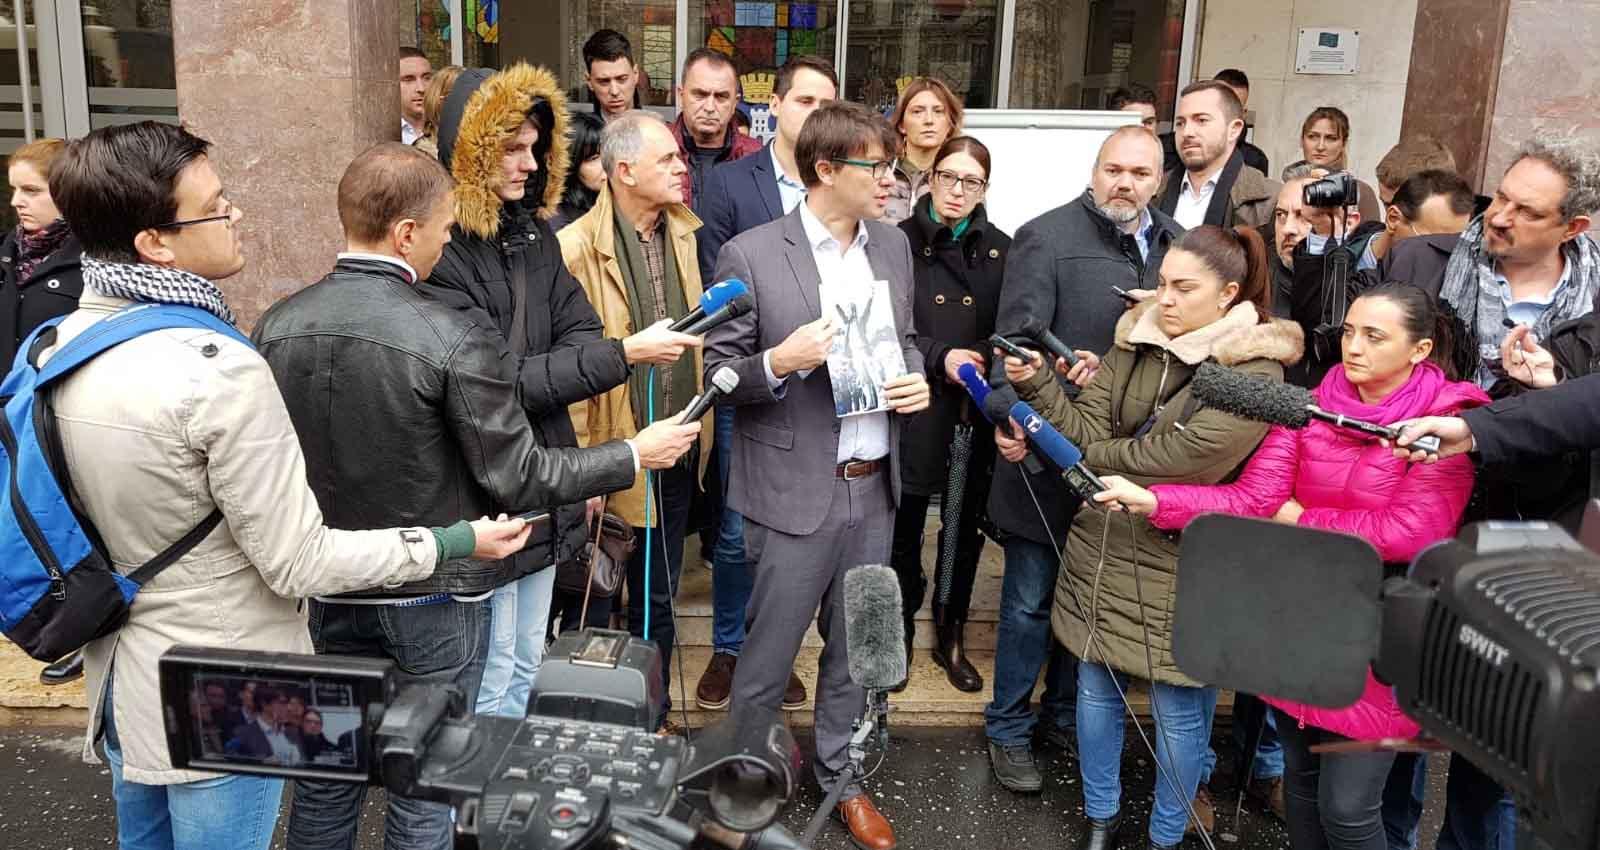 Јовановић: У буџету Београда више новца за гондолу него за нове вртиће